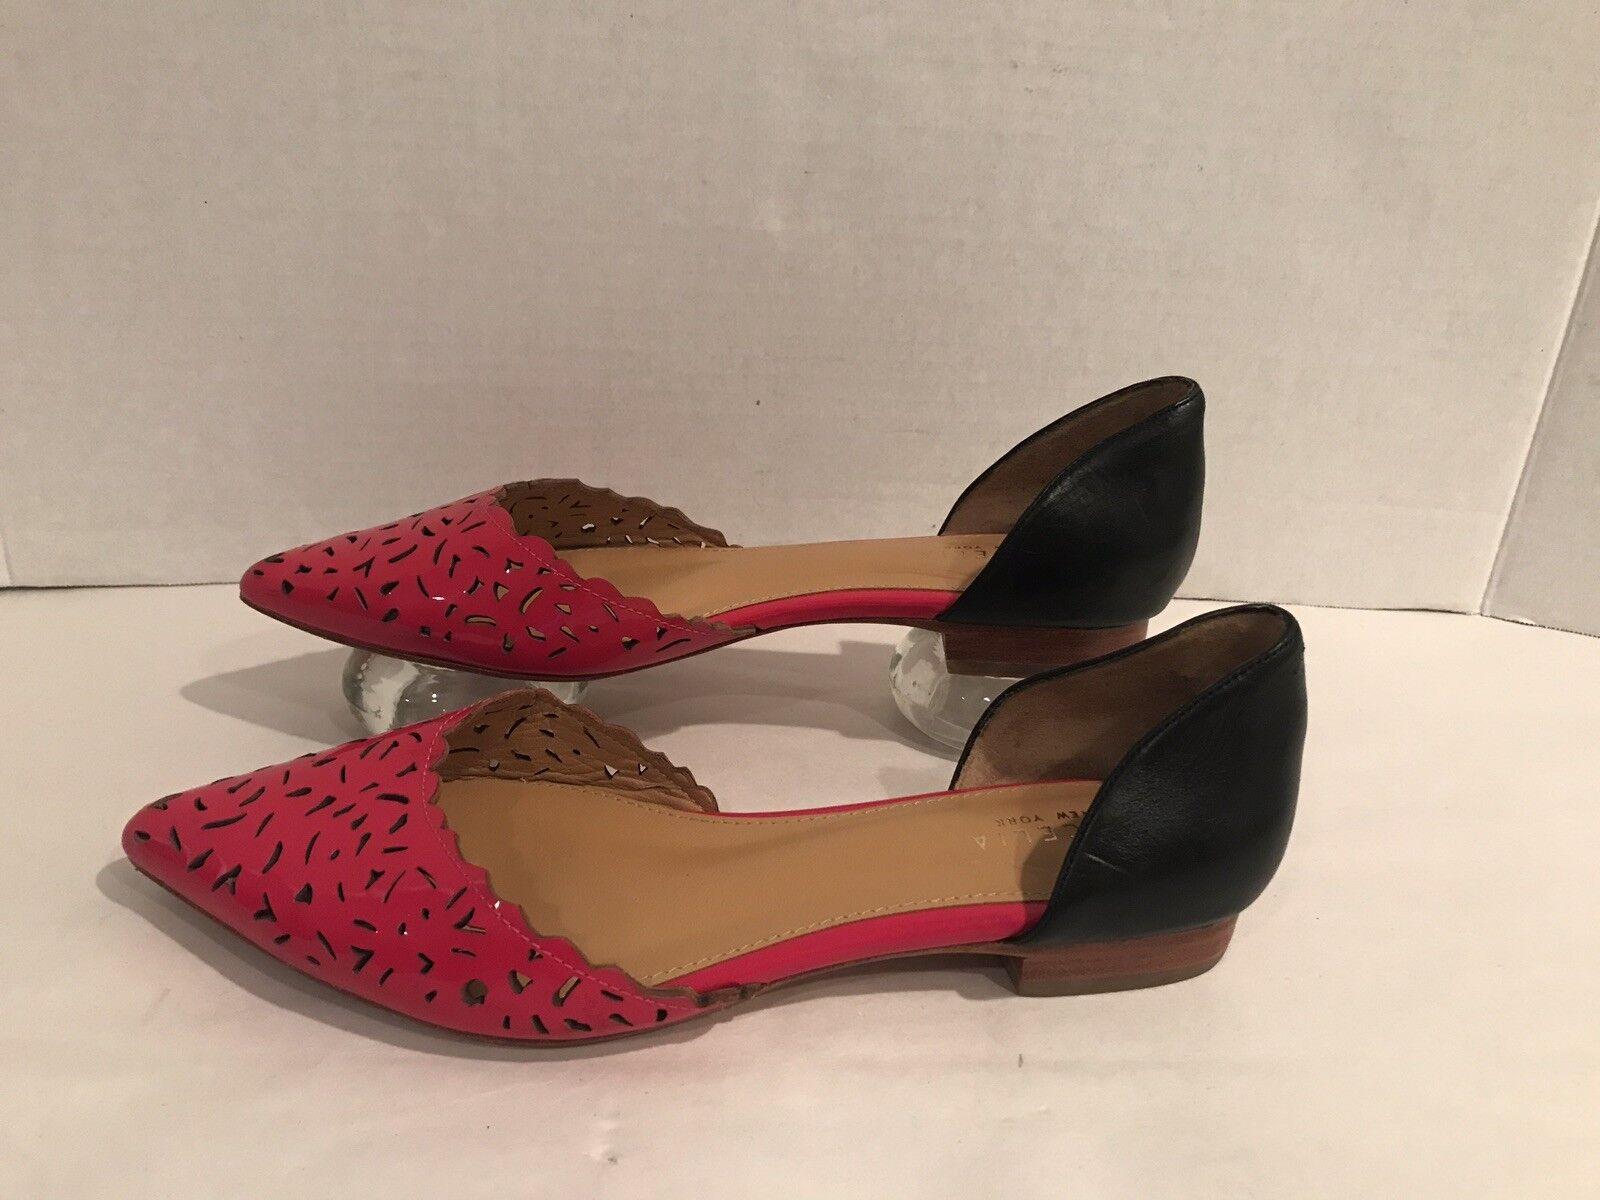 scegli il tuo preferito Cecelia New York York York Dorsay Heels 9.5 nero Leather Laser Cut Scalloped Career  autorizzazione